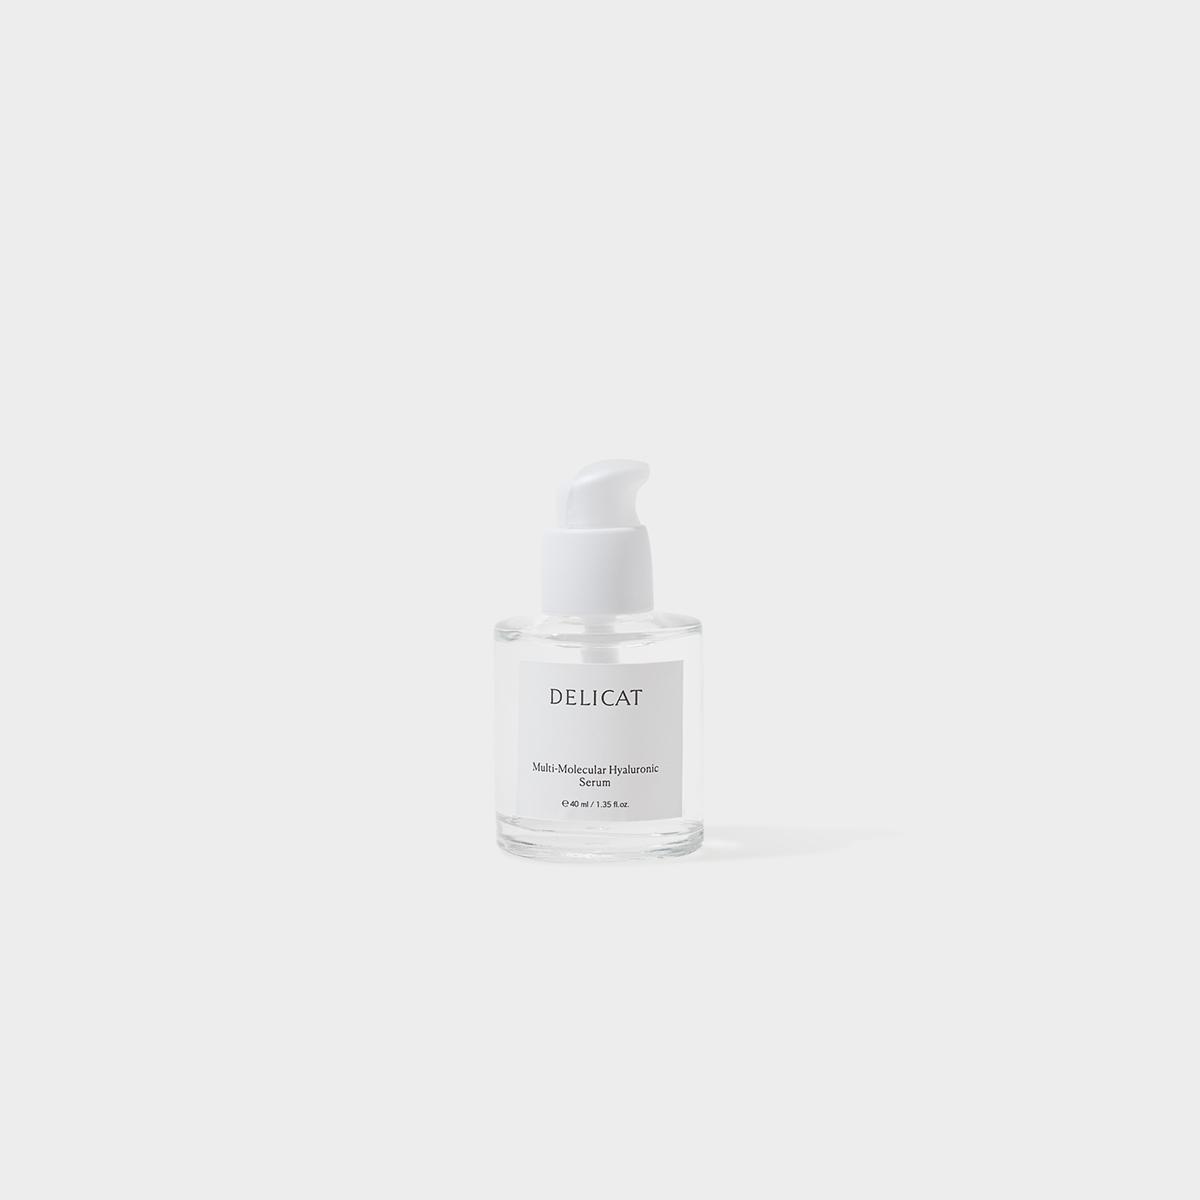 Delicat Skincare MultiMolecular Hyaluronic Serum